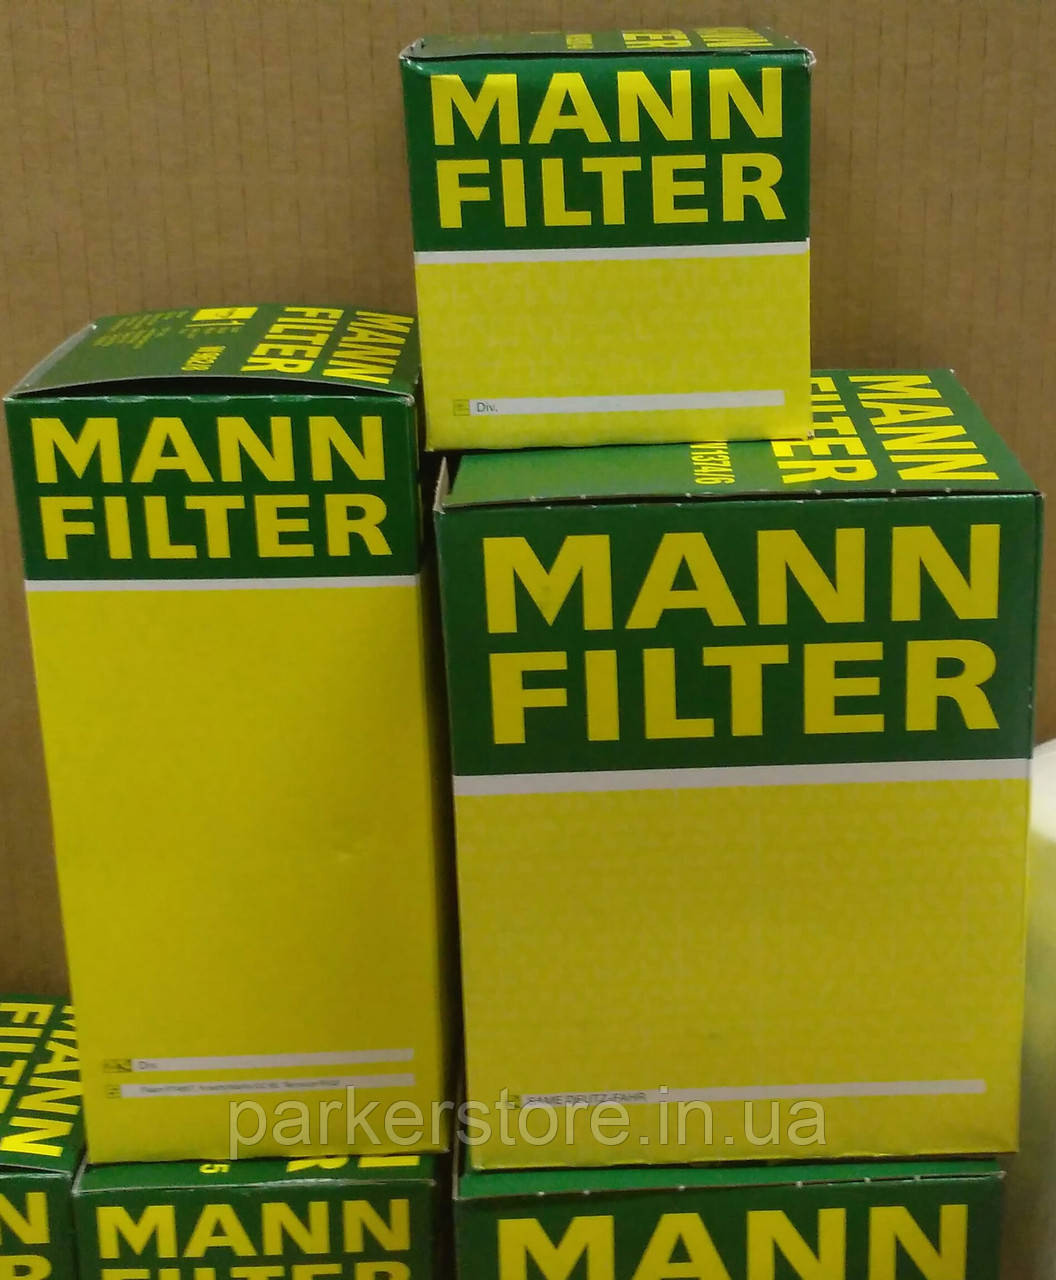 MANN FILTER / Повітряний фільтр / C 2846 / C2846